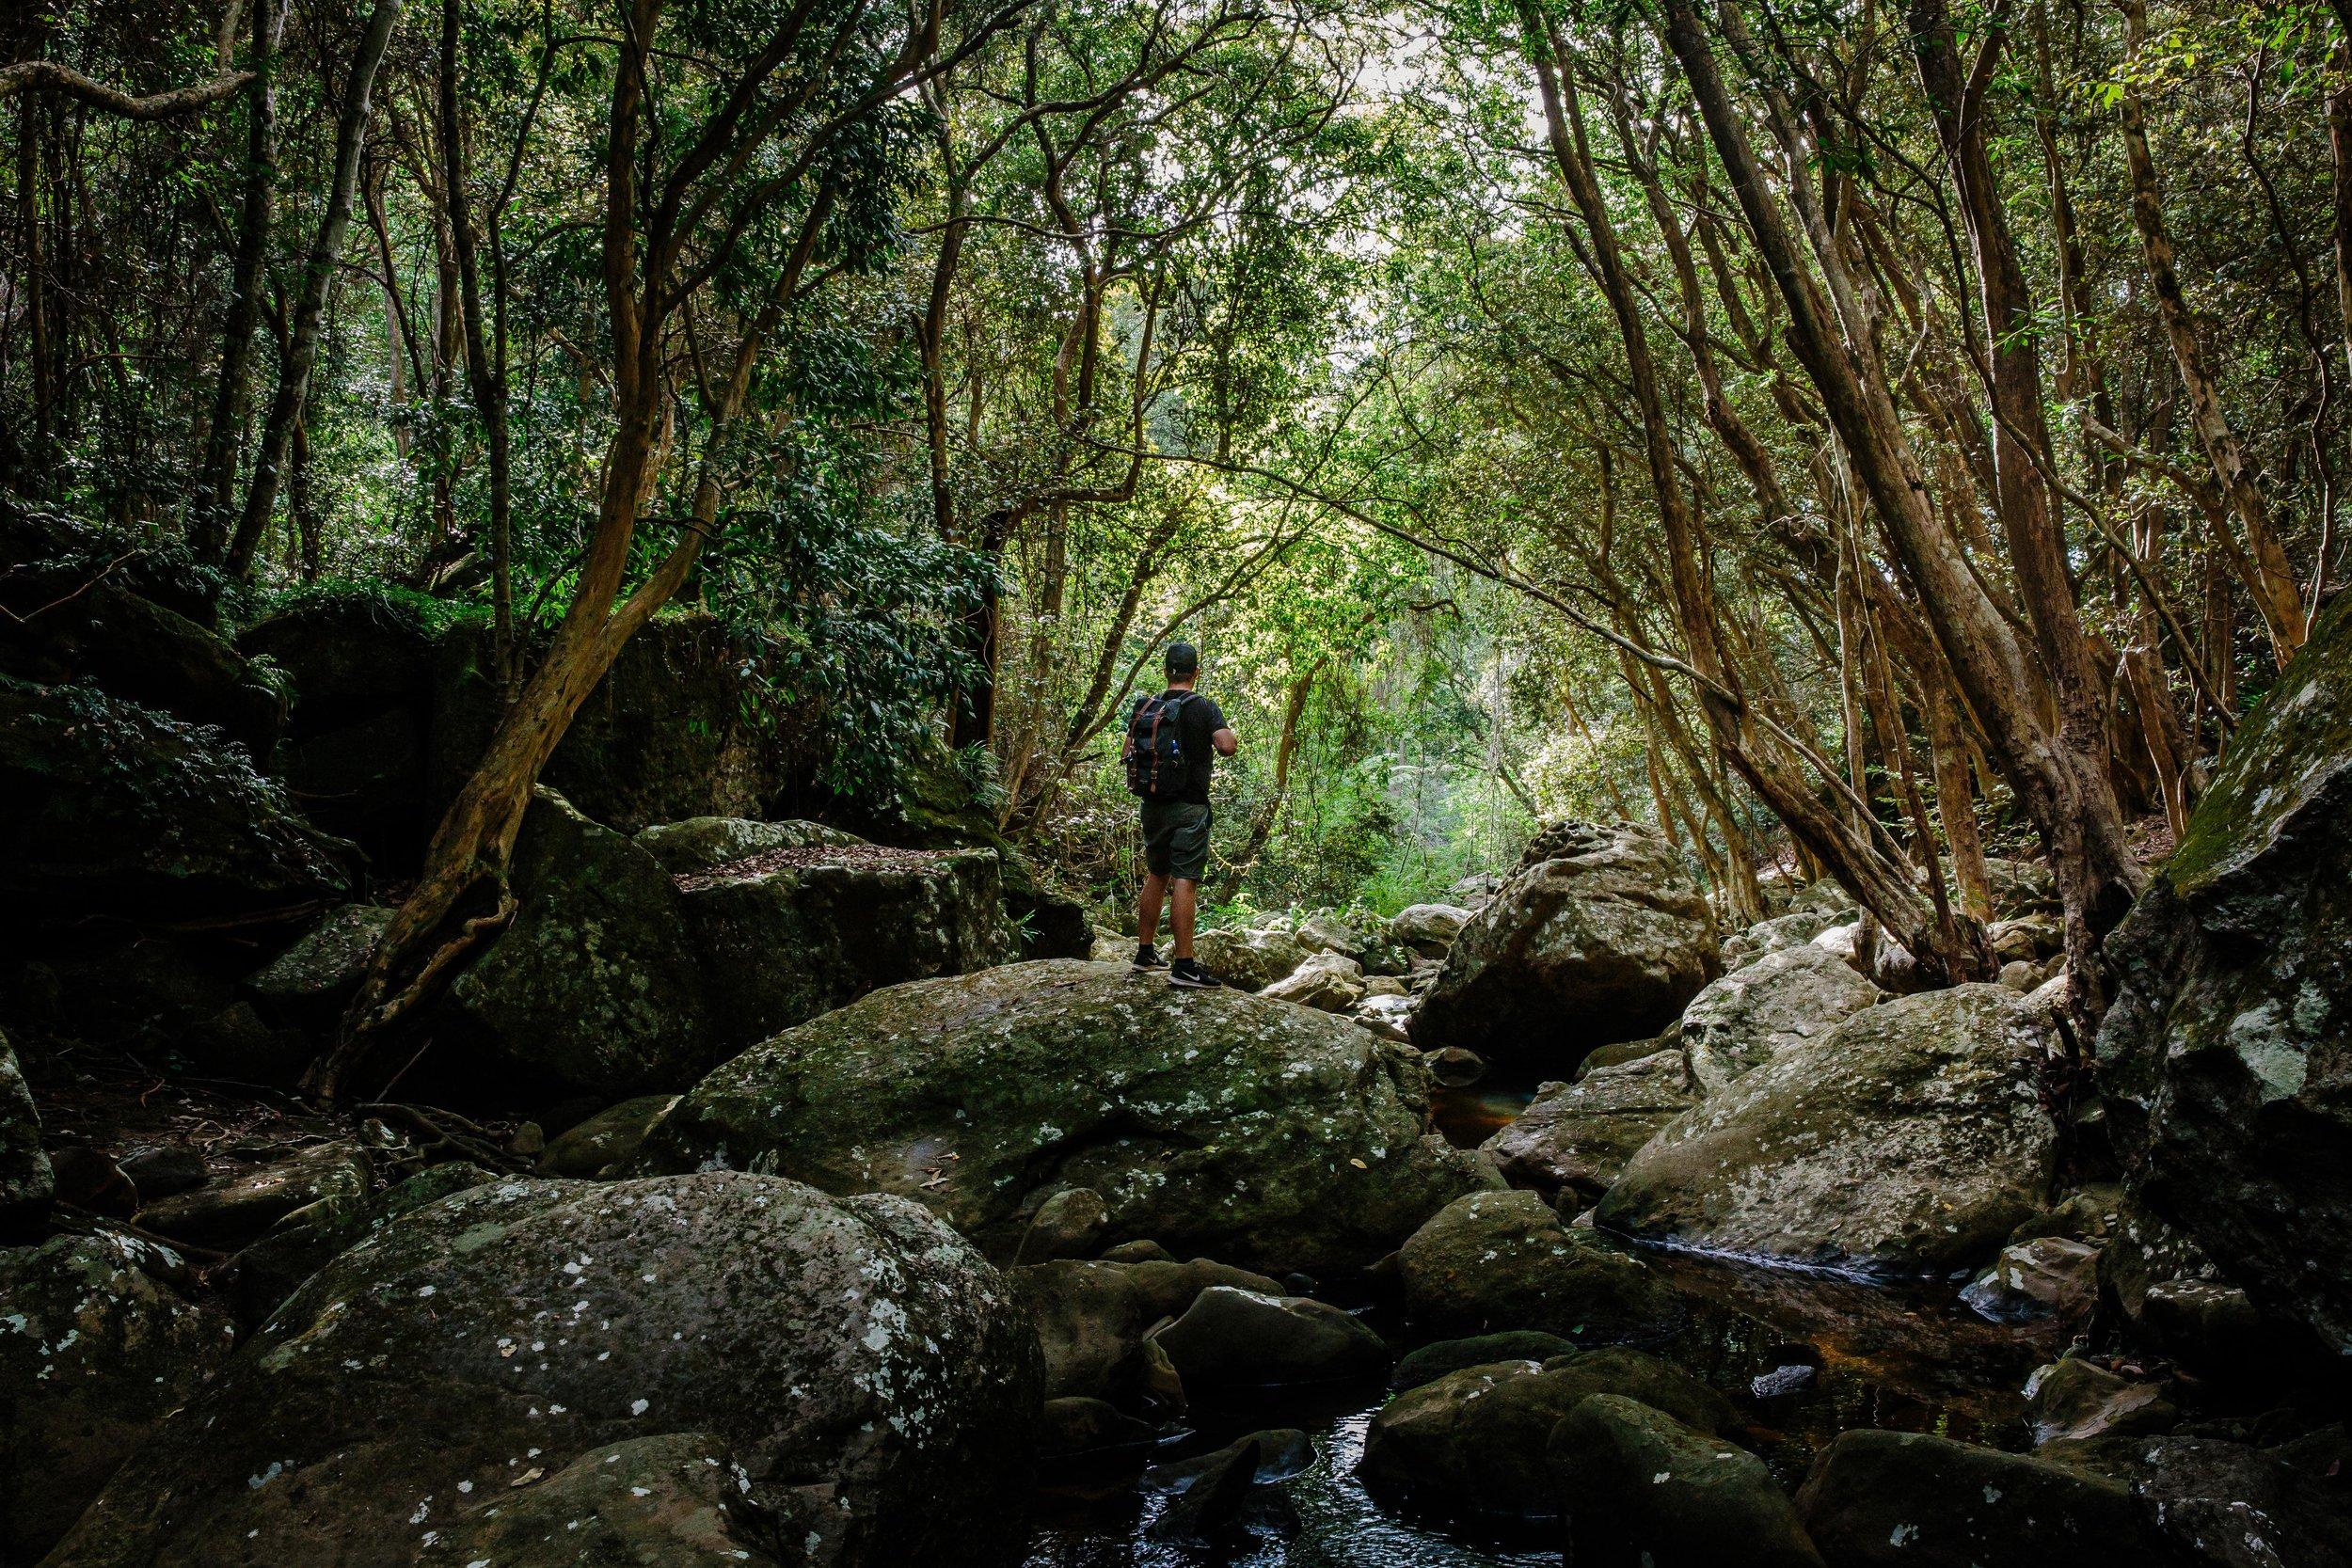 Lachlan-Jordan-Photography-8490.jpg